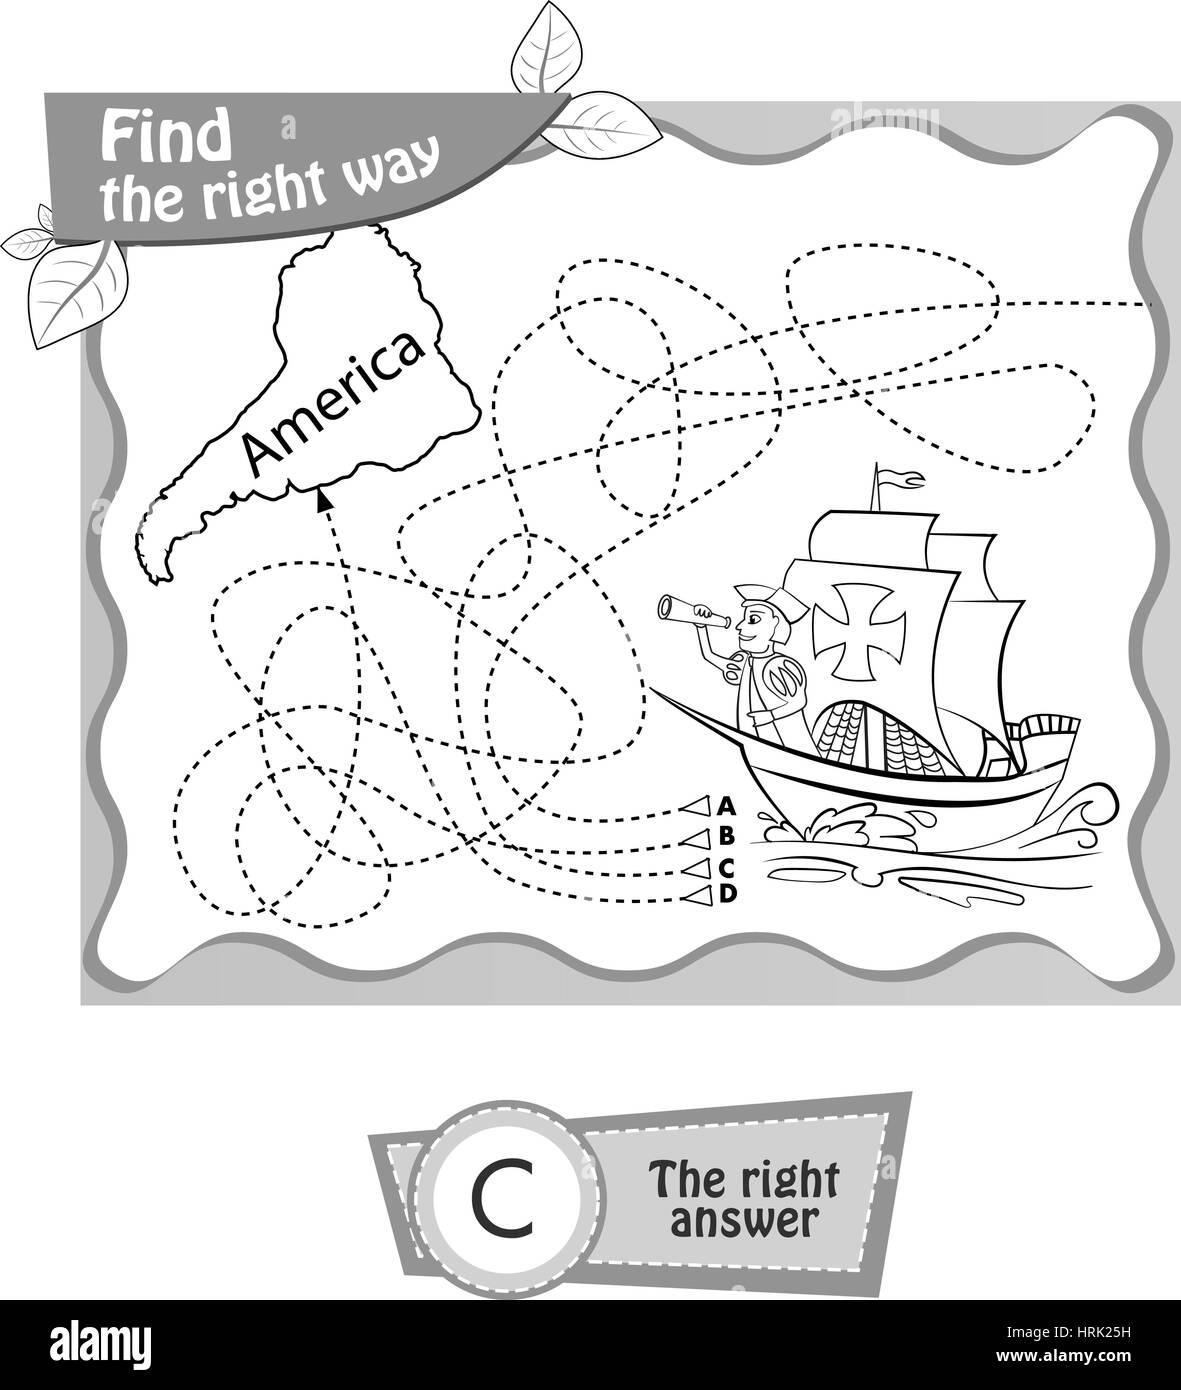 Jeu Visuel Un Livre A Colorier Pour Les Enfants Jour De Christophe Colomb Trouver La Bonne Facon Vector Illustration Noir Et Blanc Image Vectorielle Stock Alamy